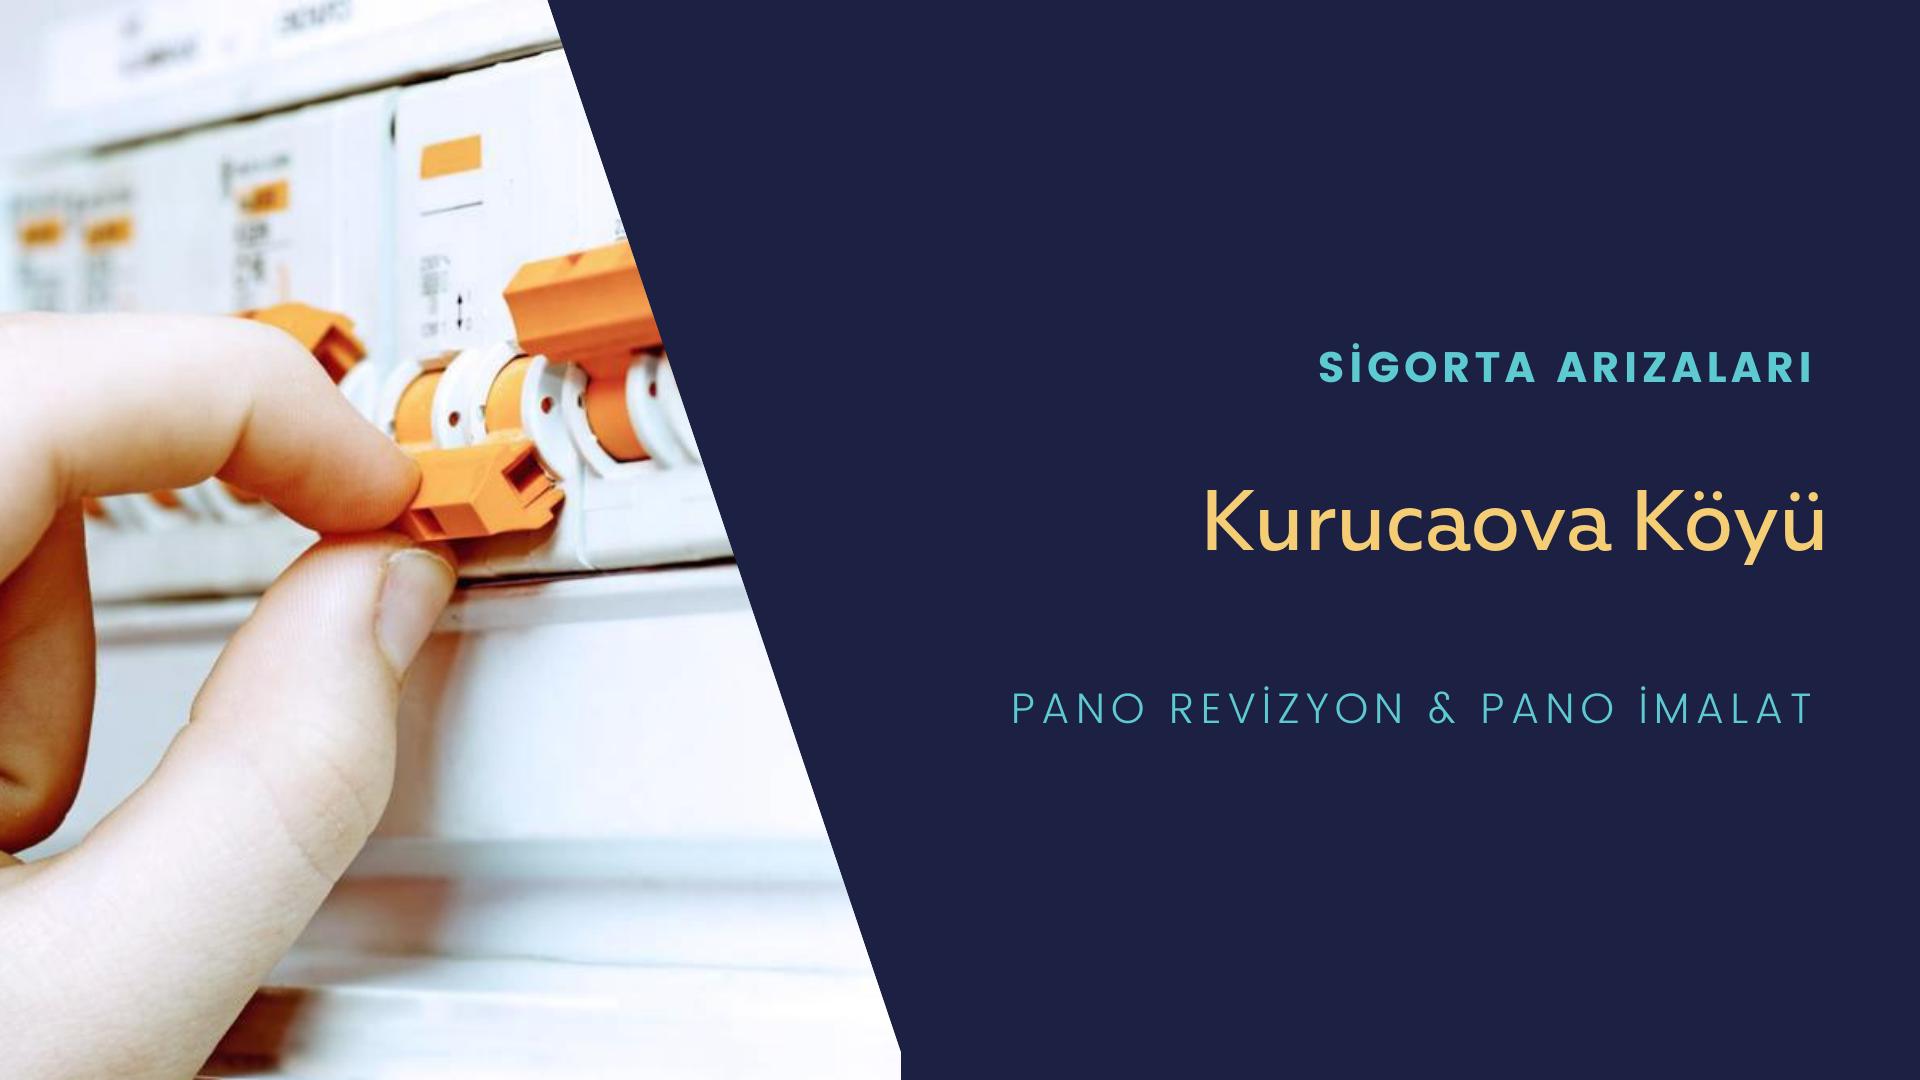 Kurucaova Köyü Sigorta Arızaları İçin Profesyonel Elektrikçi ustalarımızı dilediğiniz zaman arayabilir talepte bulunabilirsiniz.